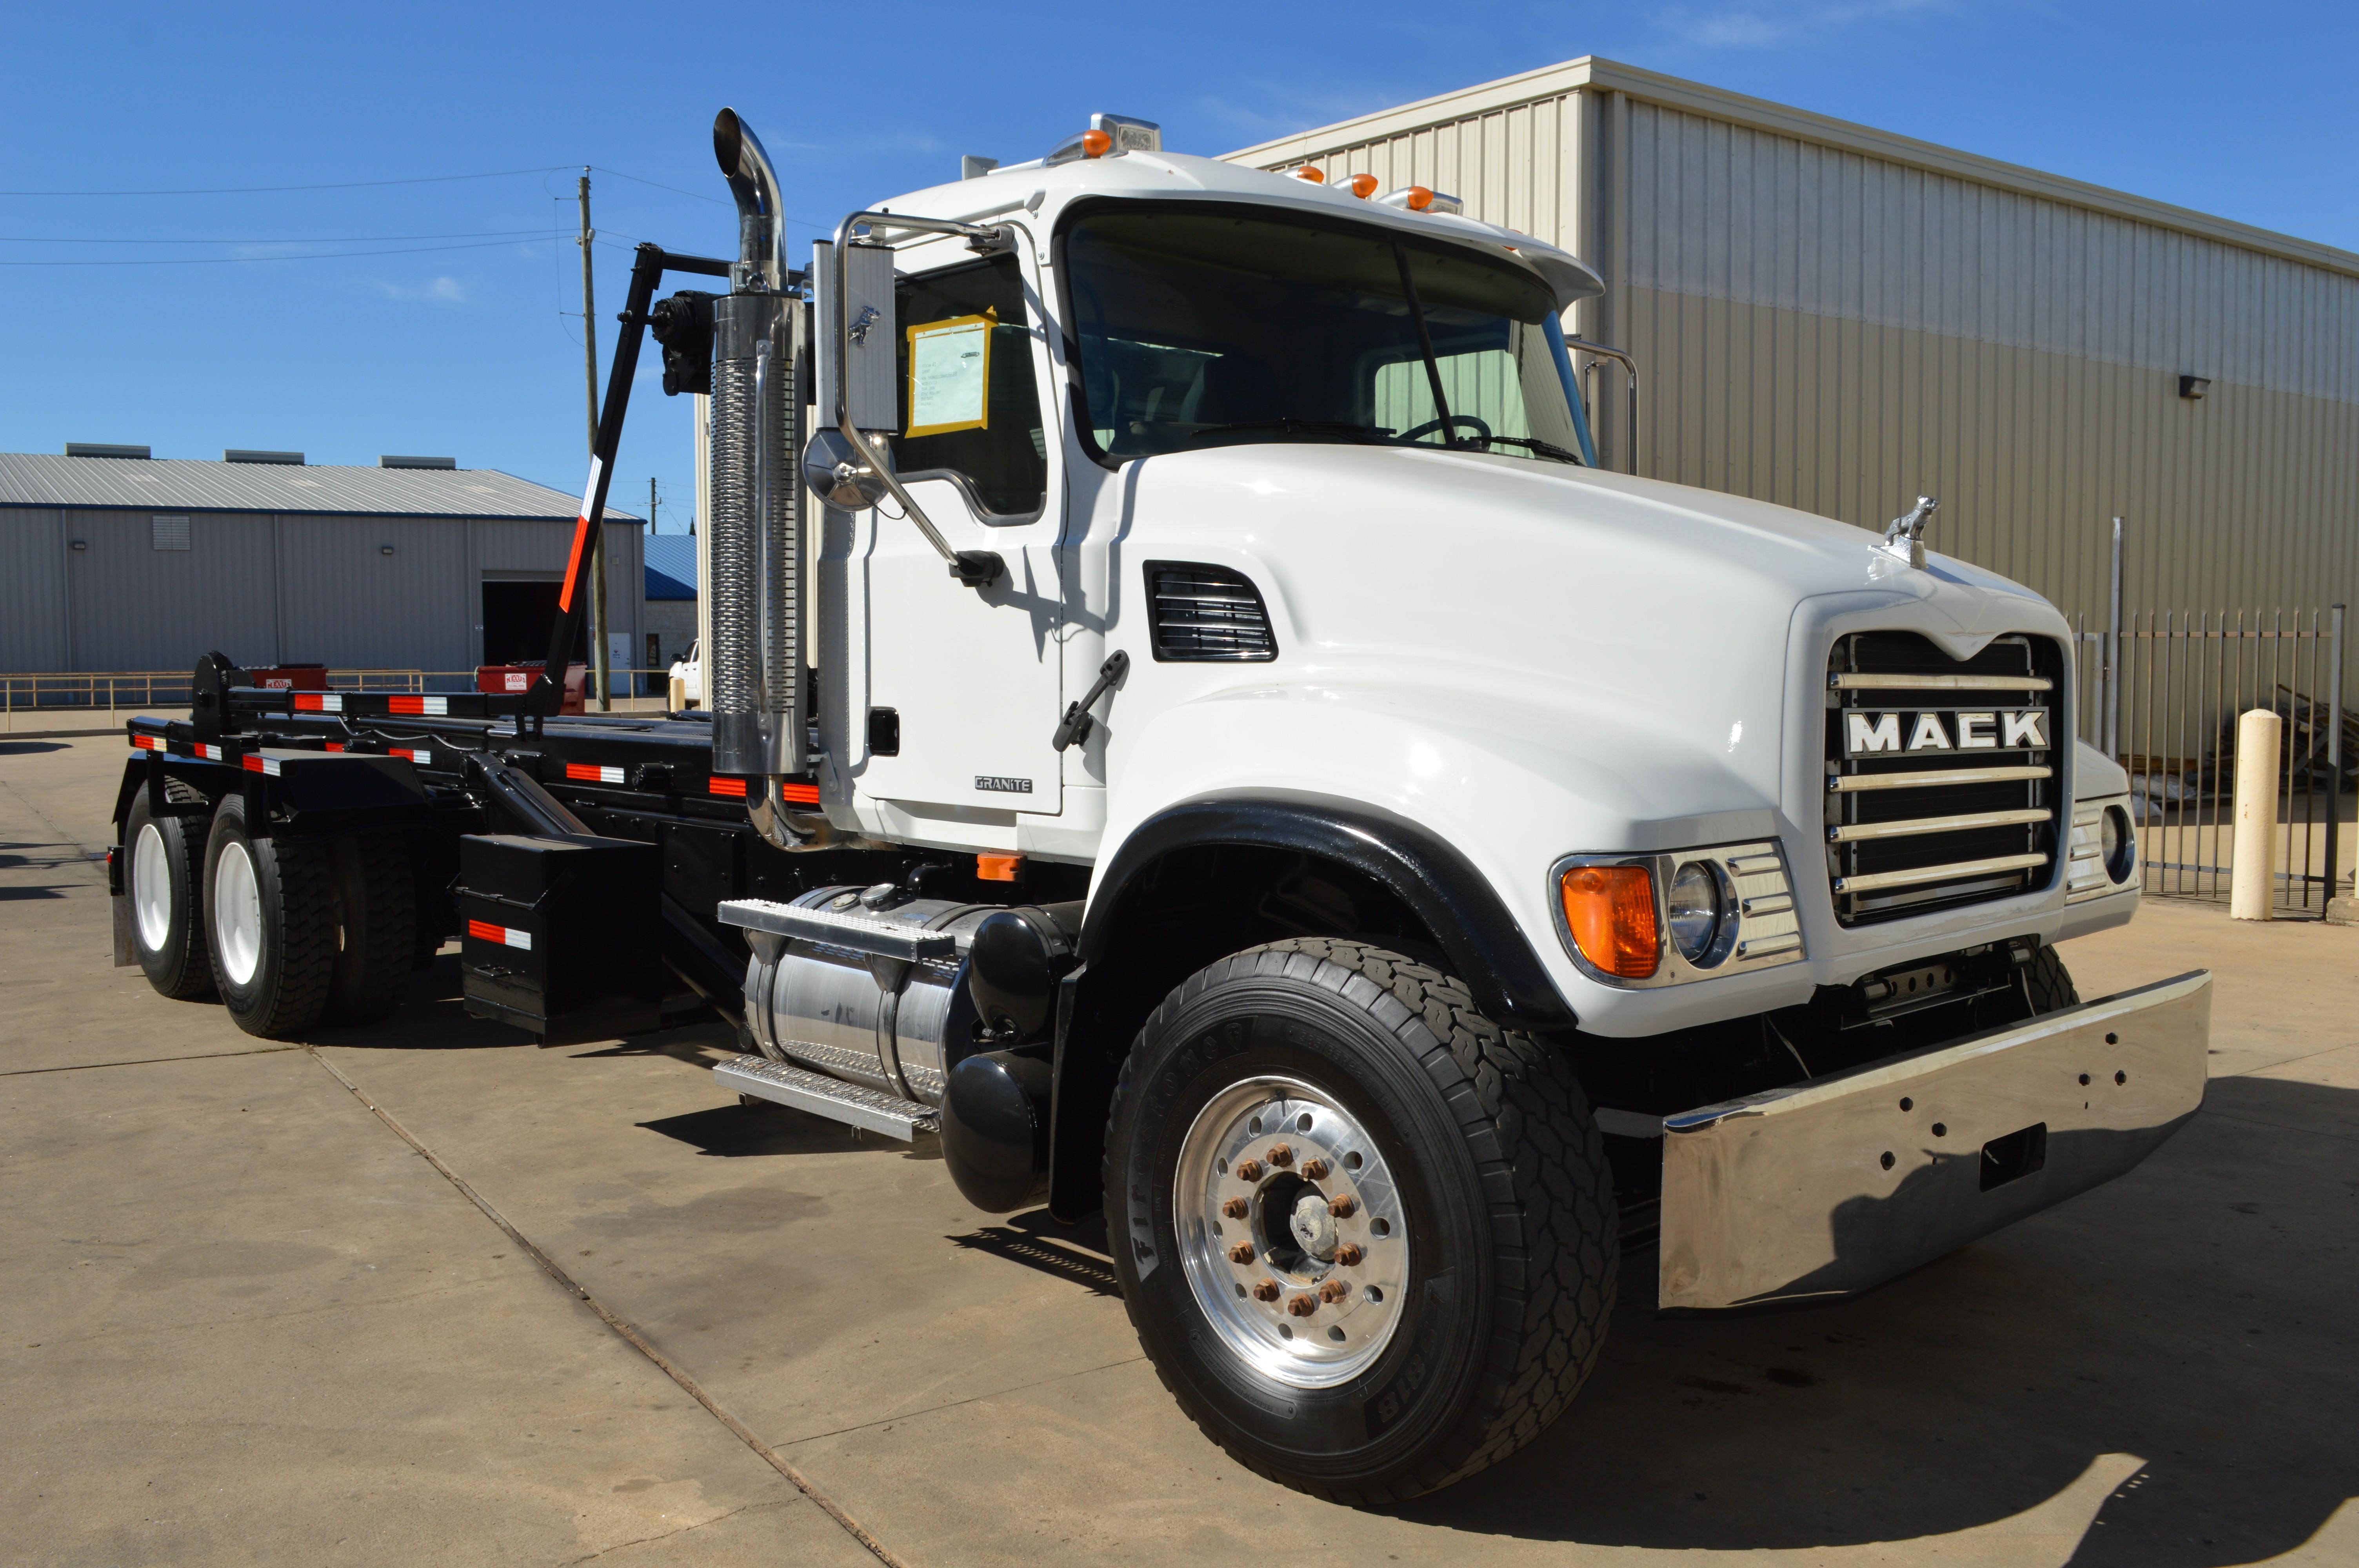 Used, 2006, Mack, CV713 Roll Off, Transfer Trucks